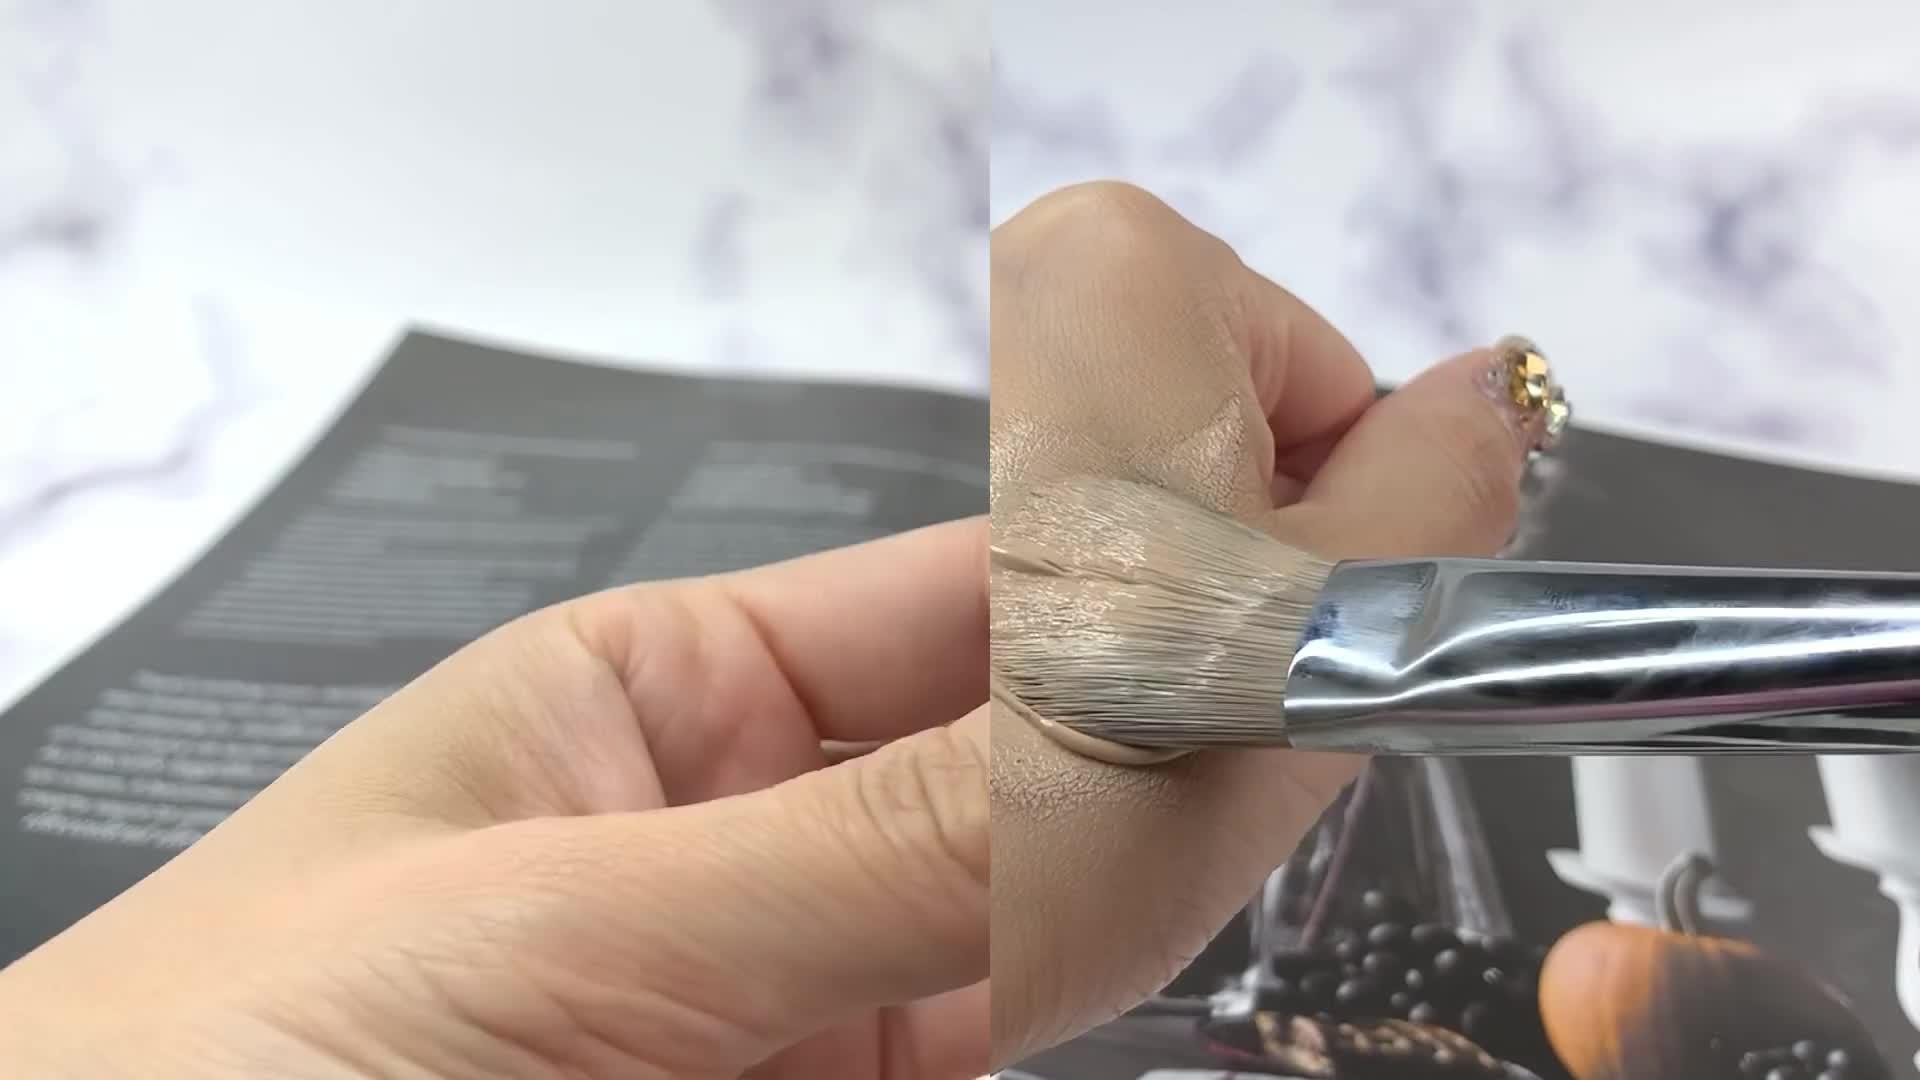 [1분팁] 갈라진 브러쉬 새로산 브러쉬 길들이기 break in brush